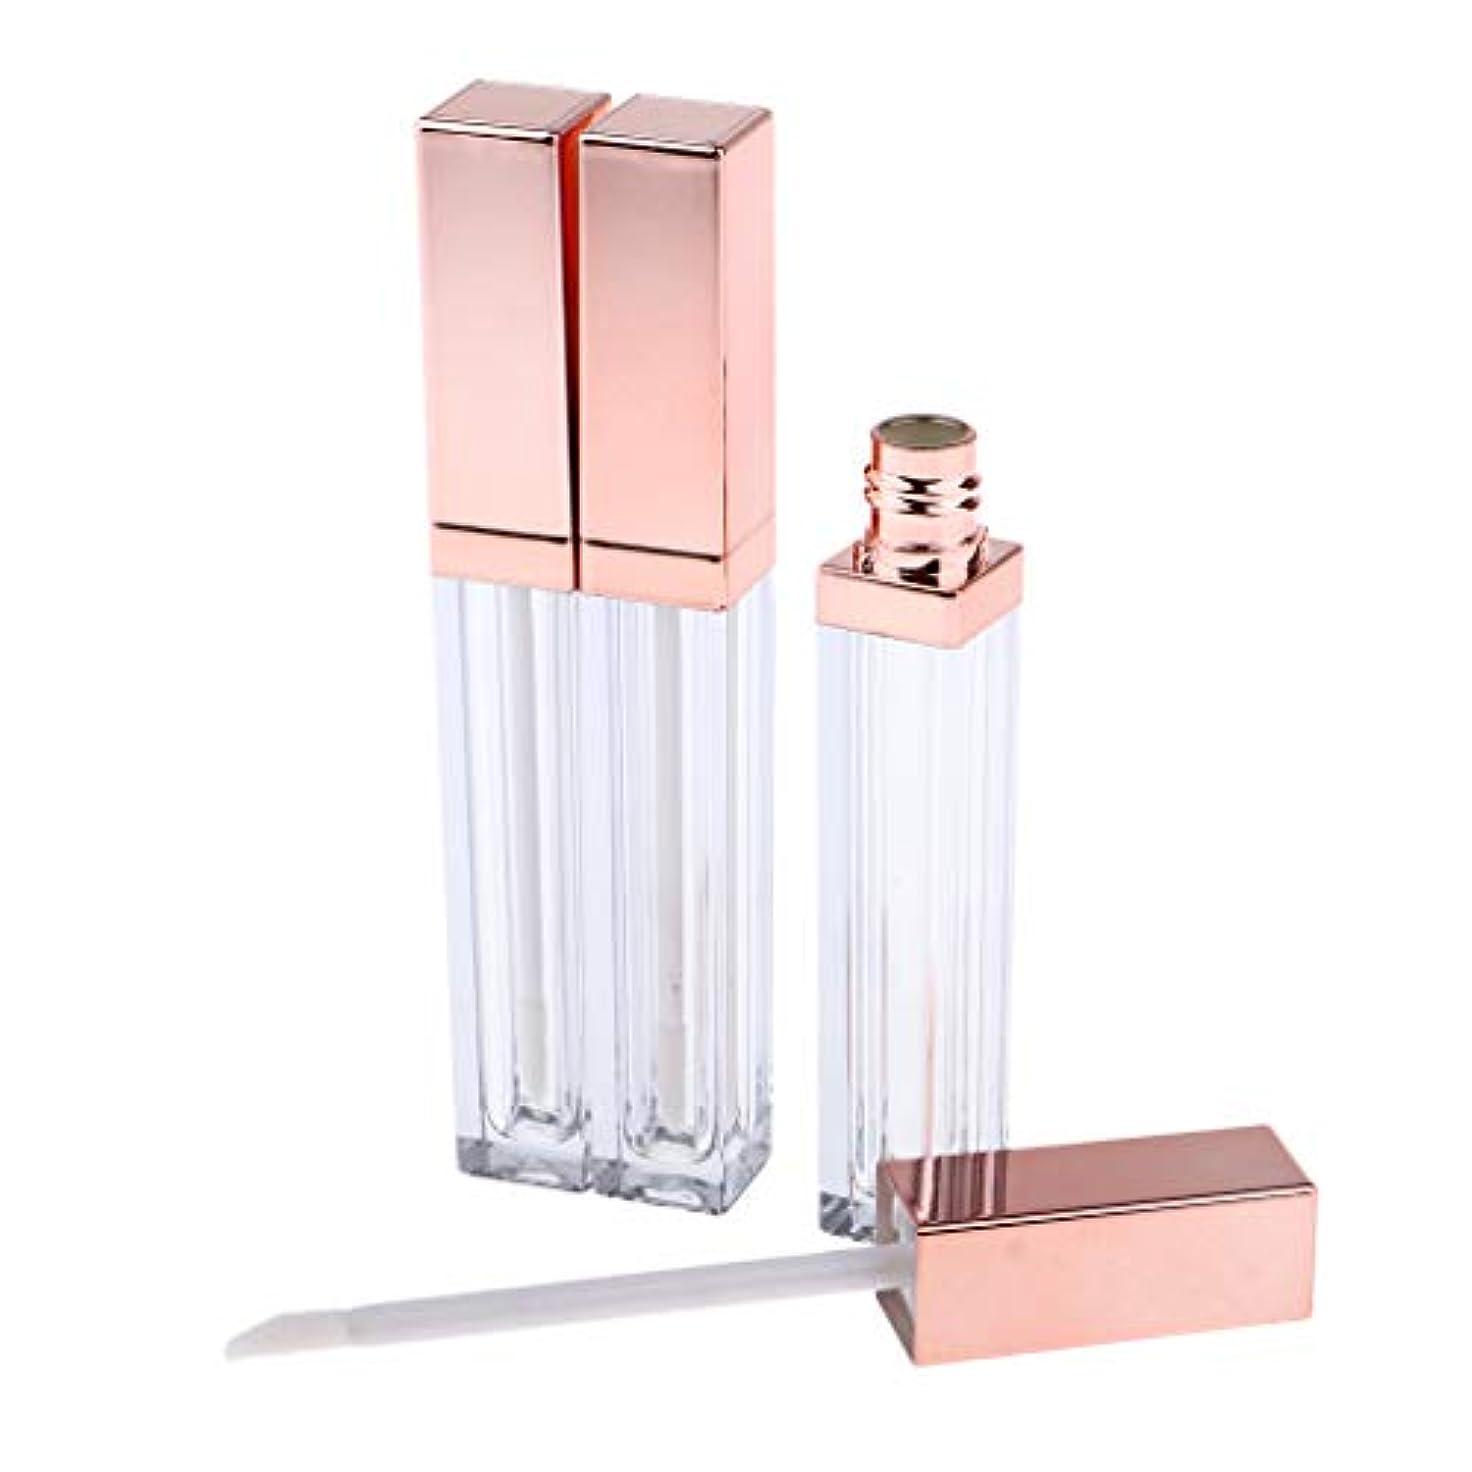 減らす分析する習慣CUTICATE 詰替え容器 リップグロスチューブ 空 リップグロス管 全3色 - ローズゴールデン